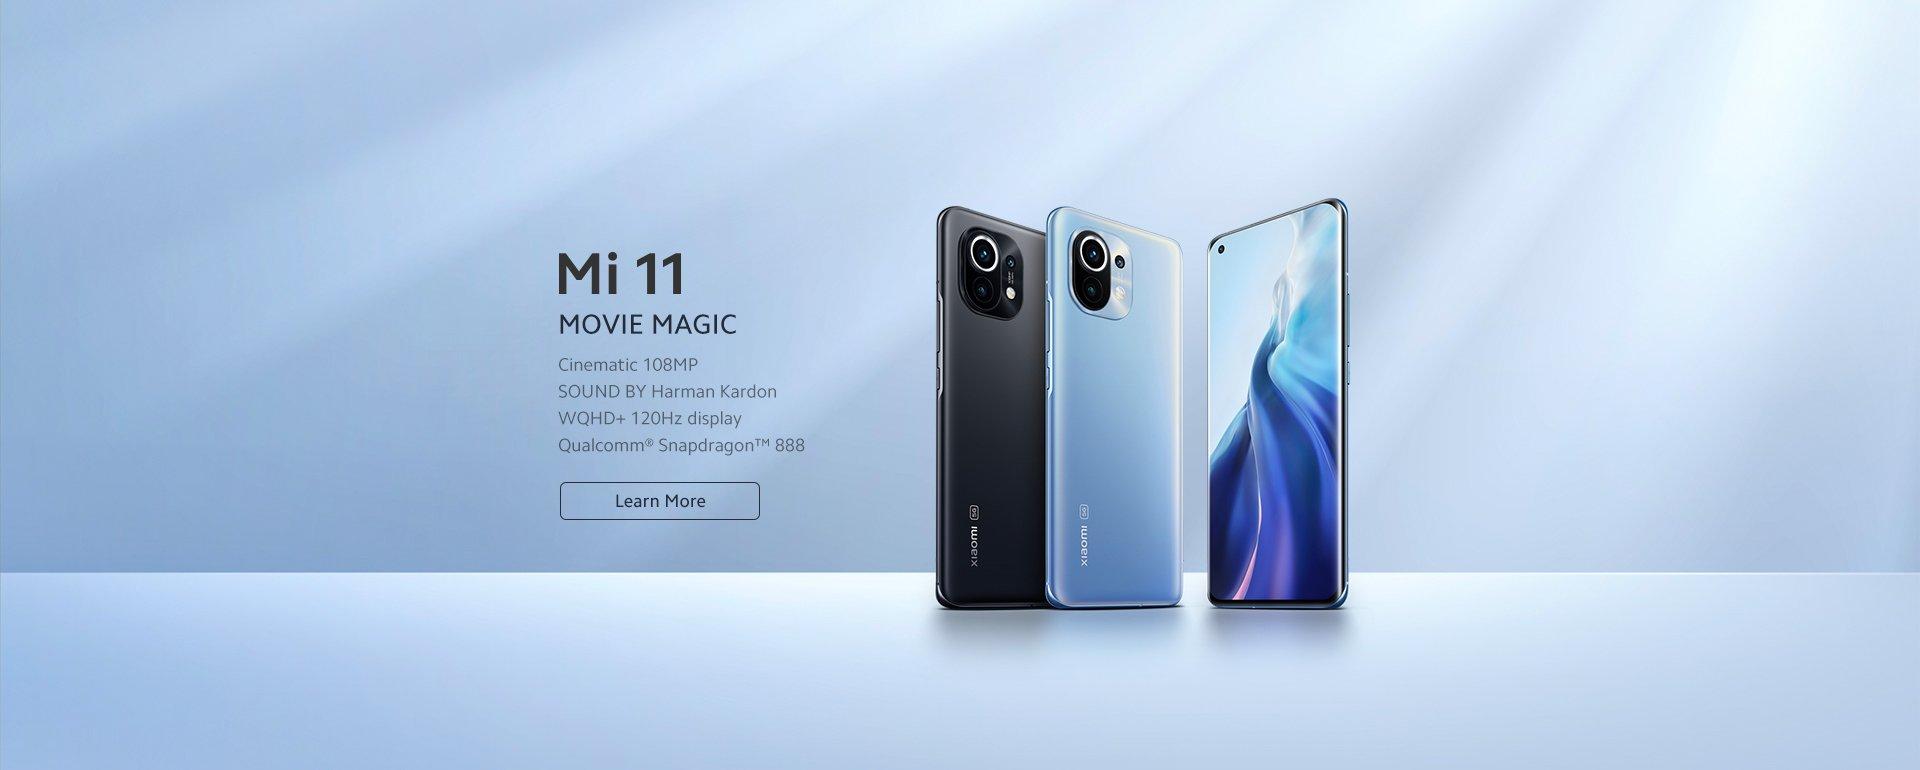 Imagen del lanzamiento oficial del Xiaomi Mi 11